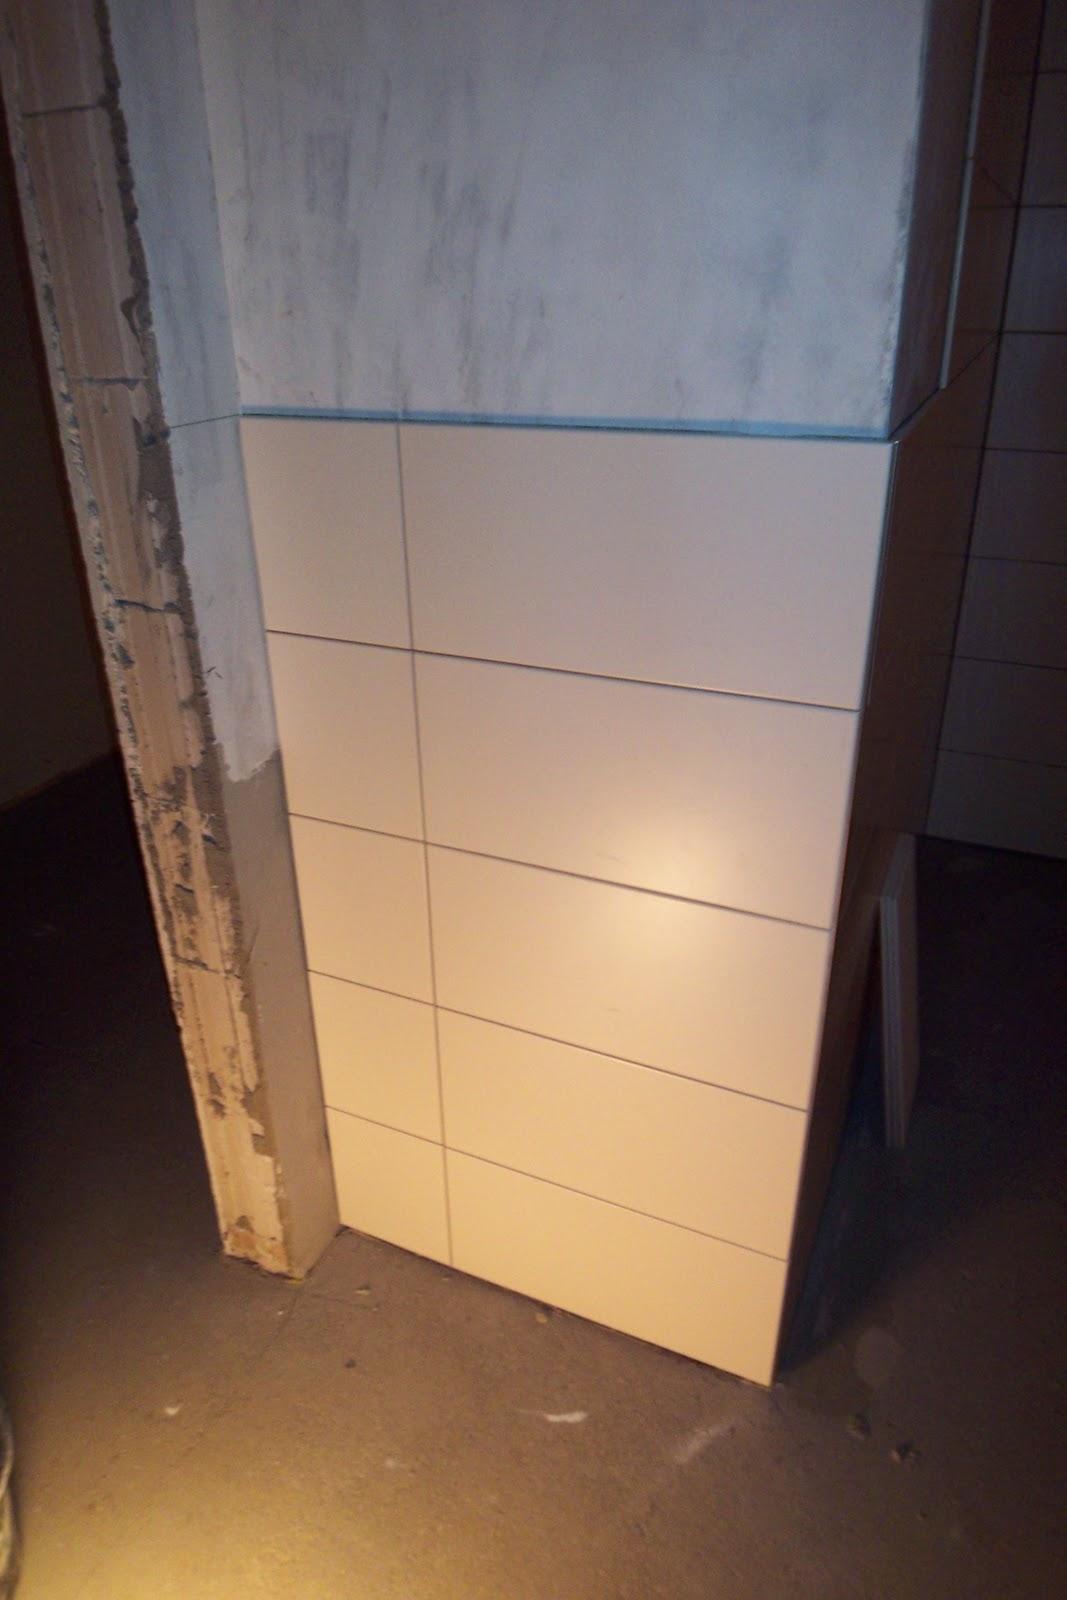 Unser Haustraum Erste Fliesen An Der Wand - Fliesen 20 x 25